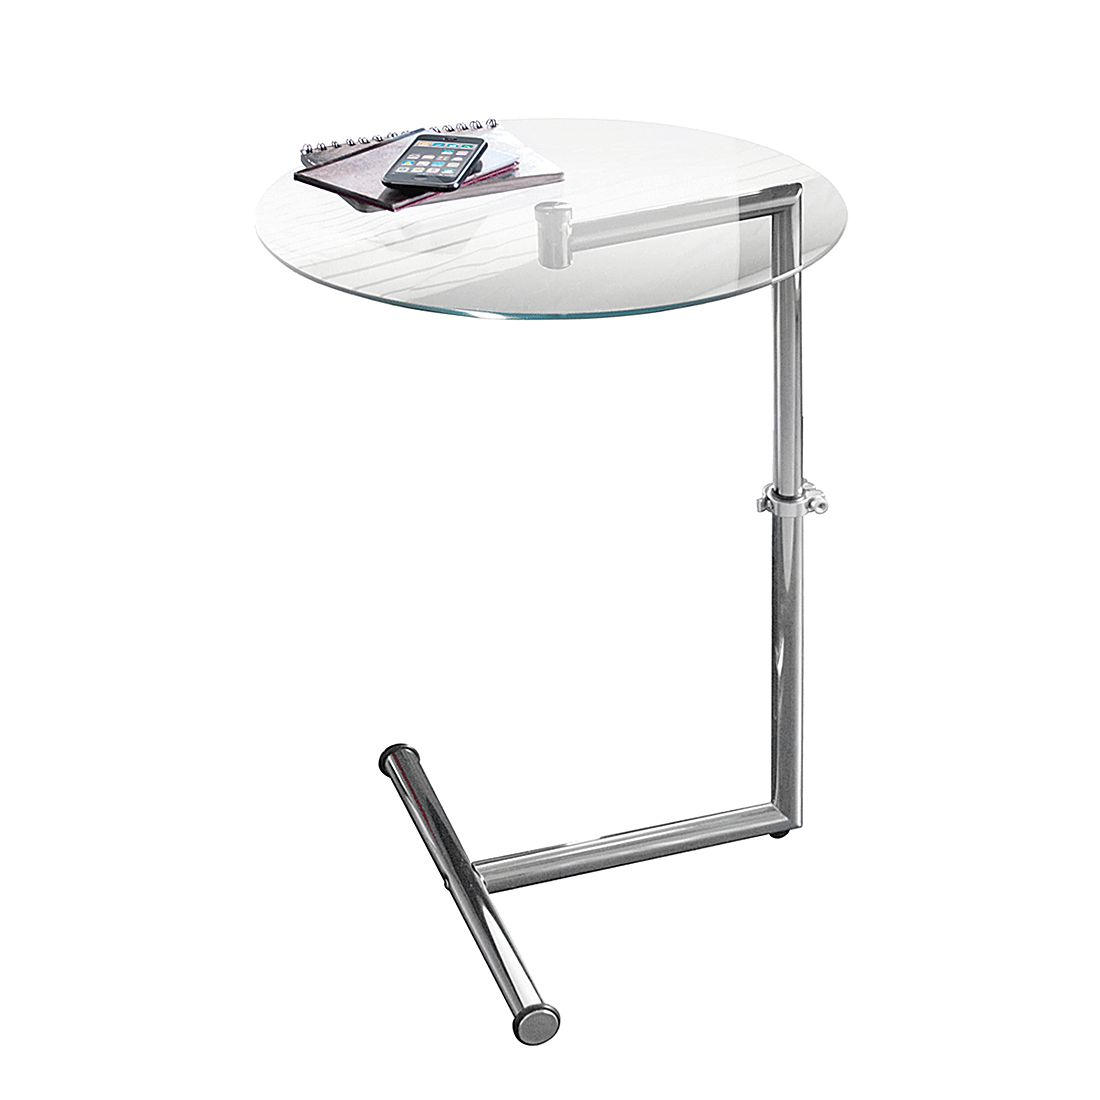 home24 Beistelltisch | Wohnzimmer > Tische | Silber | PureDay